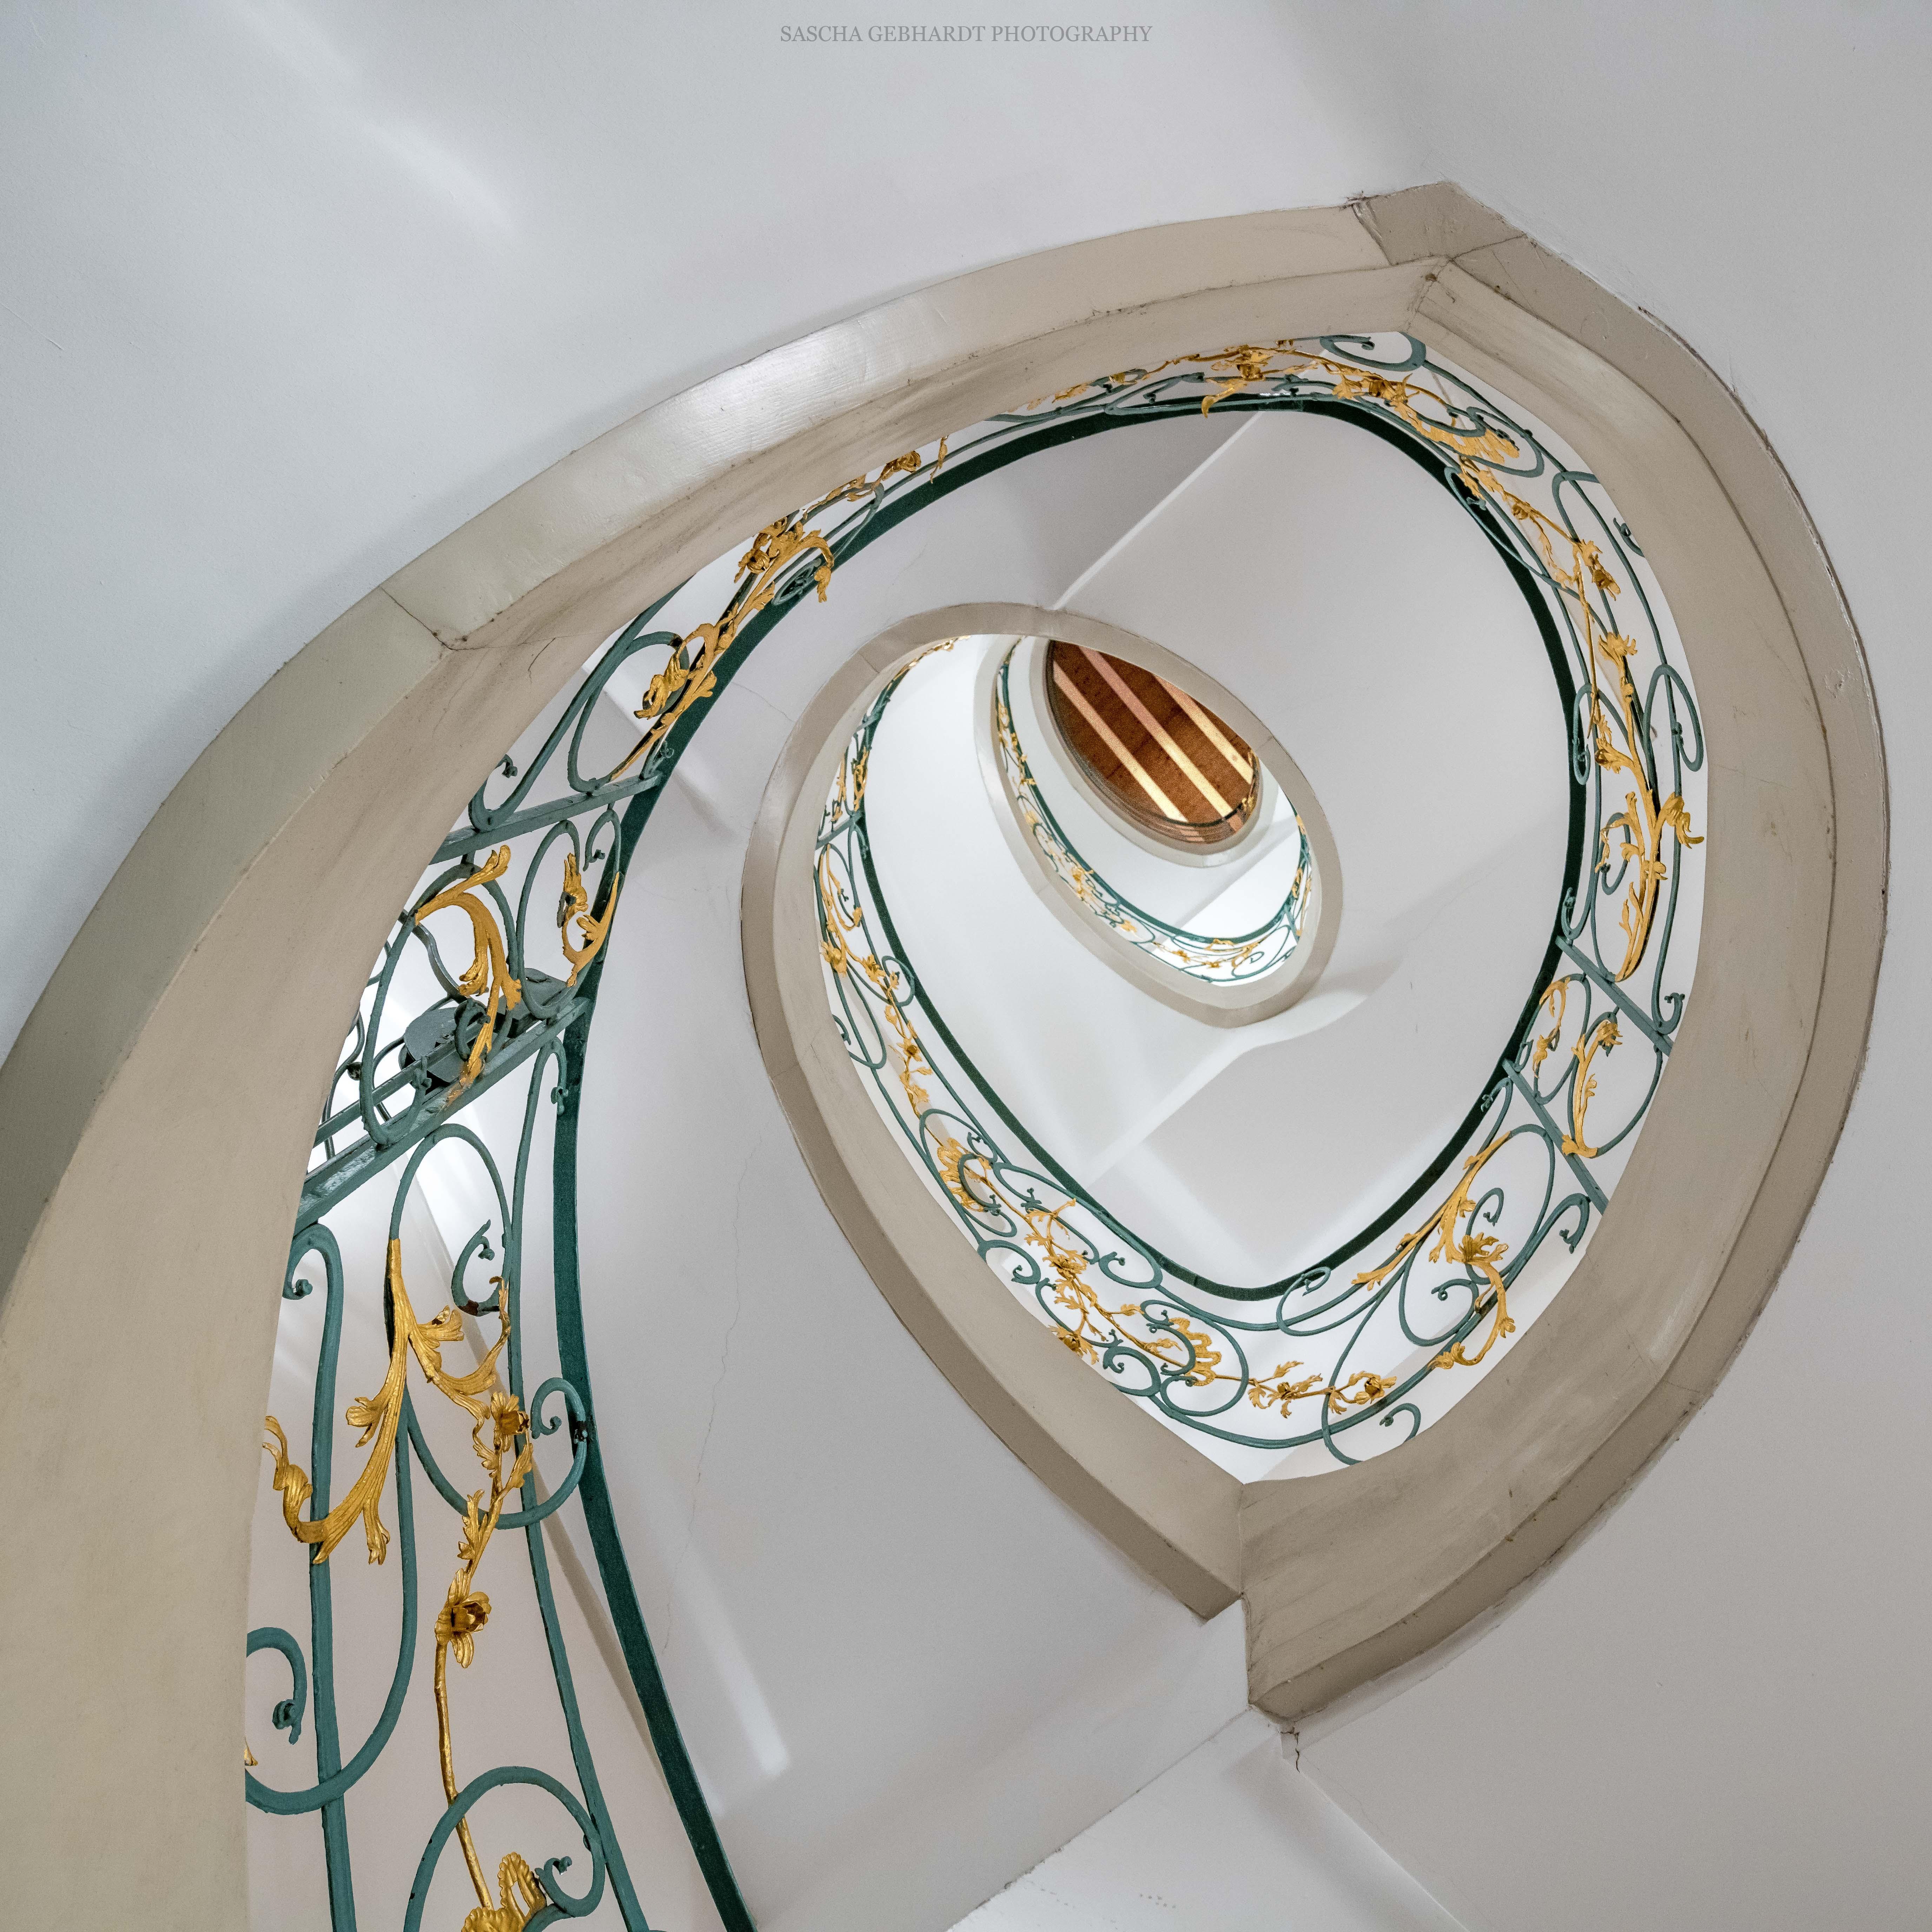 Stairs _Höfe